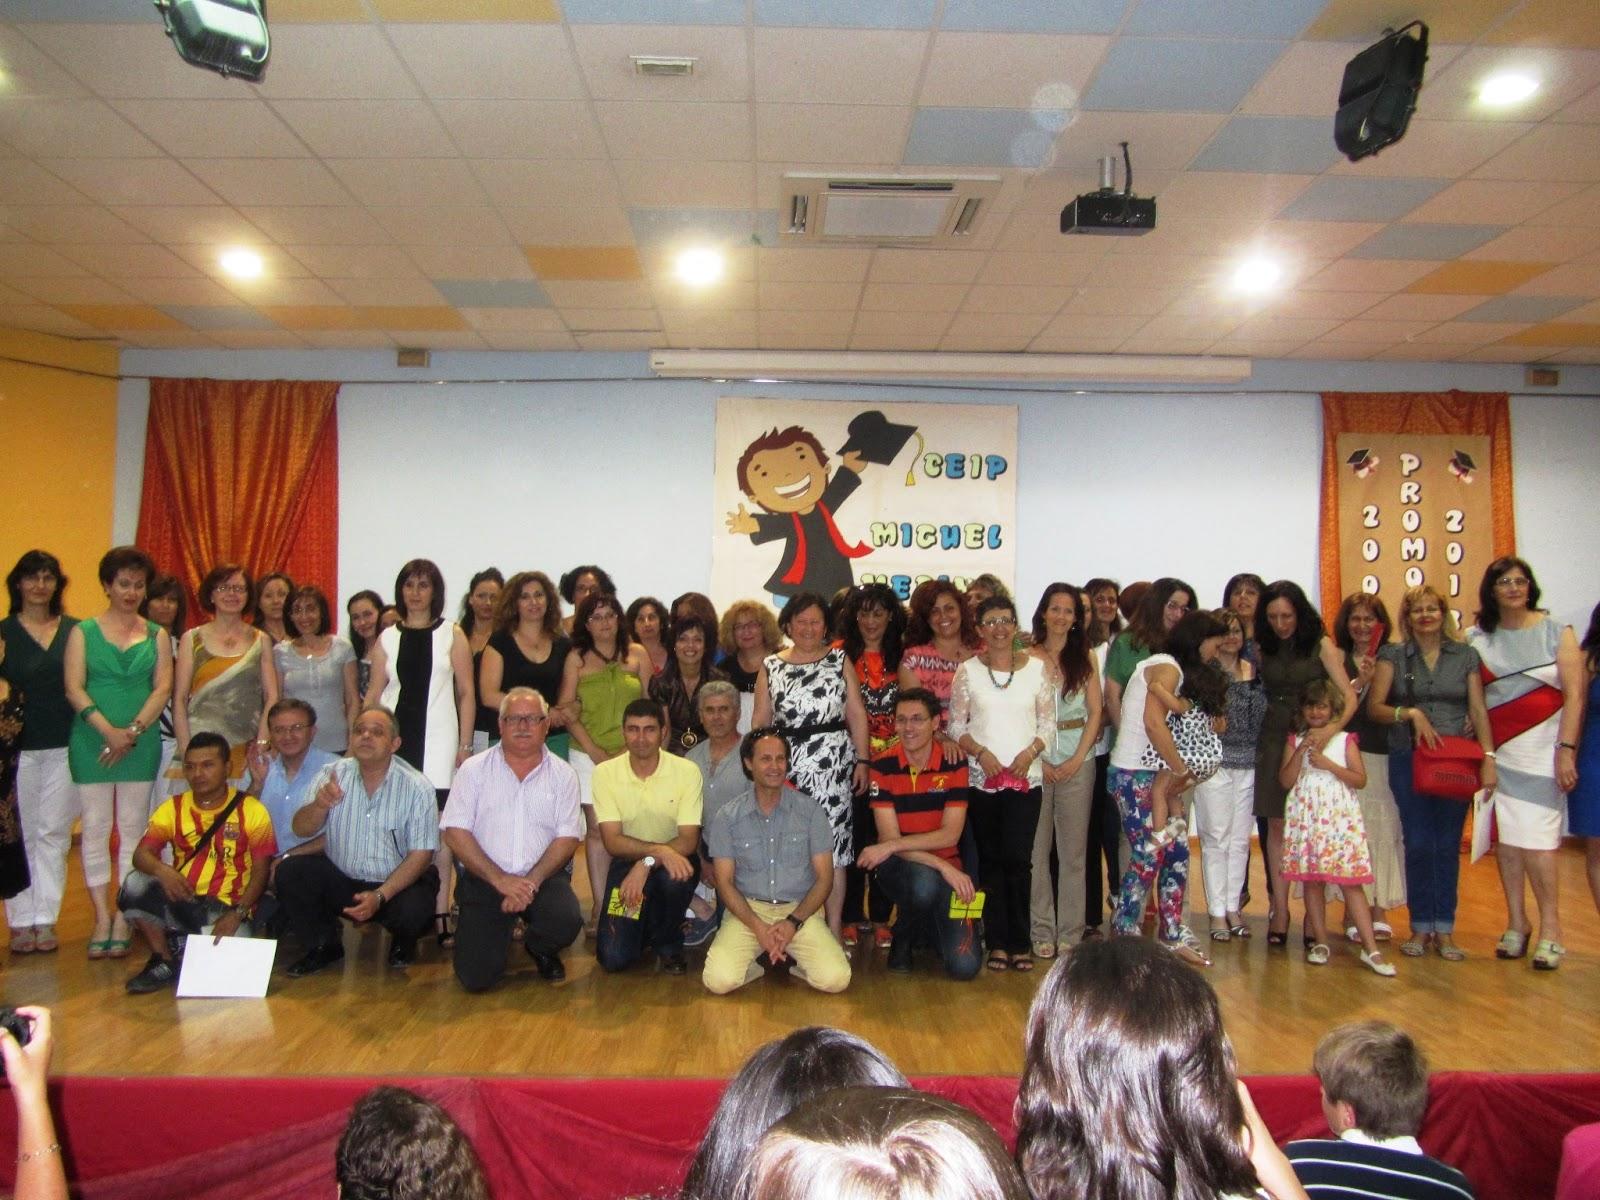 celebraron anoche la ceremonia de graduación de los alumnos de 6º de